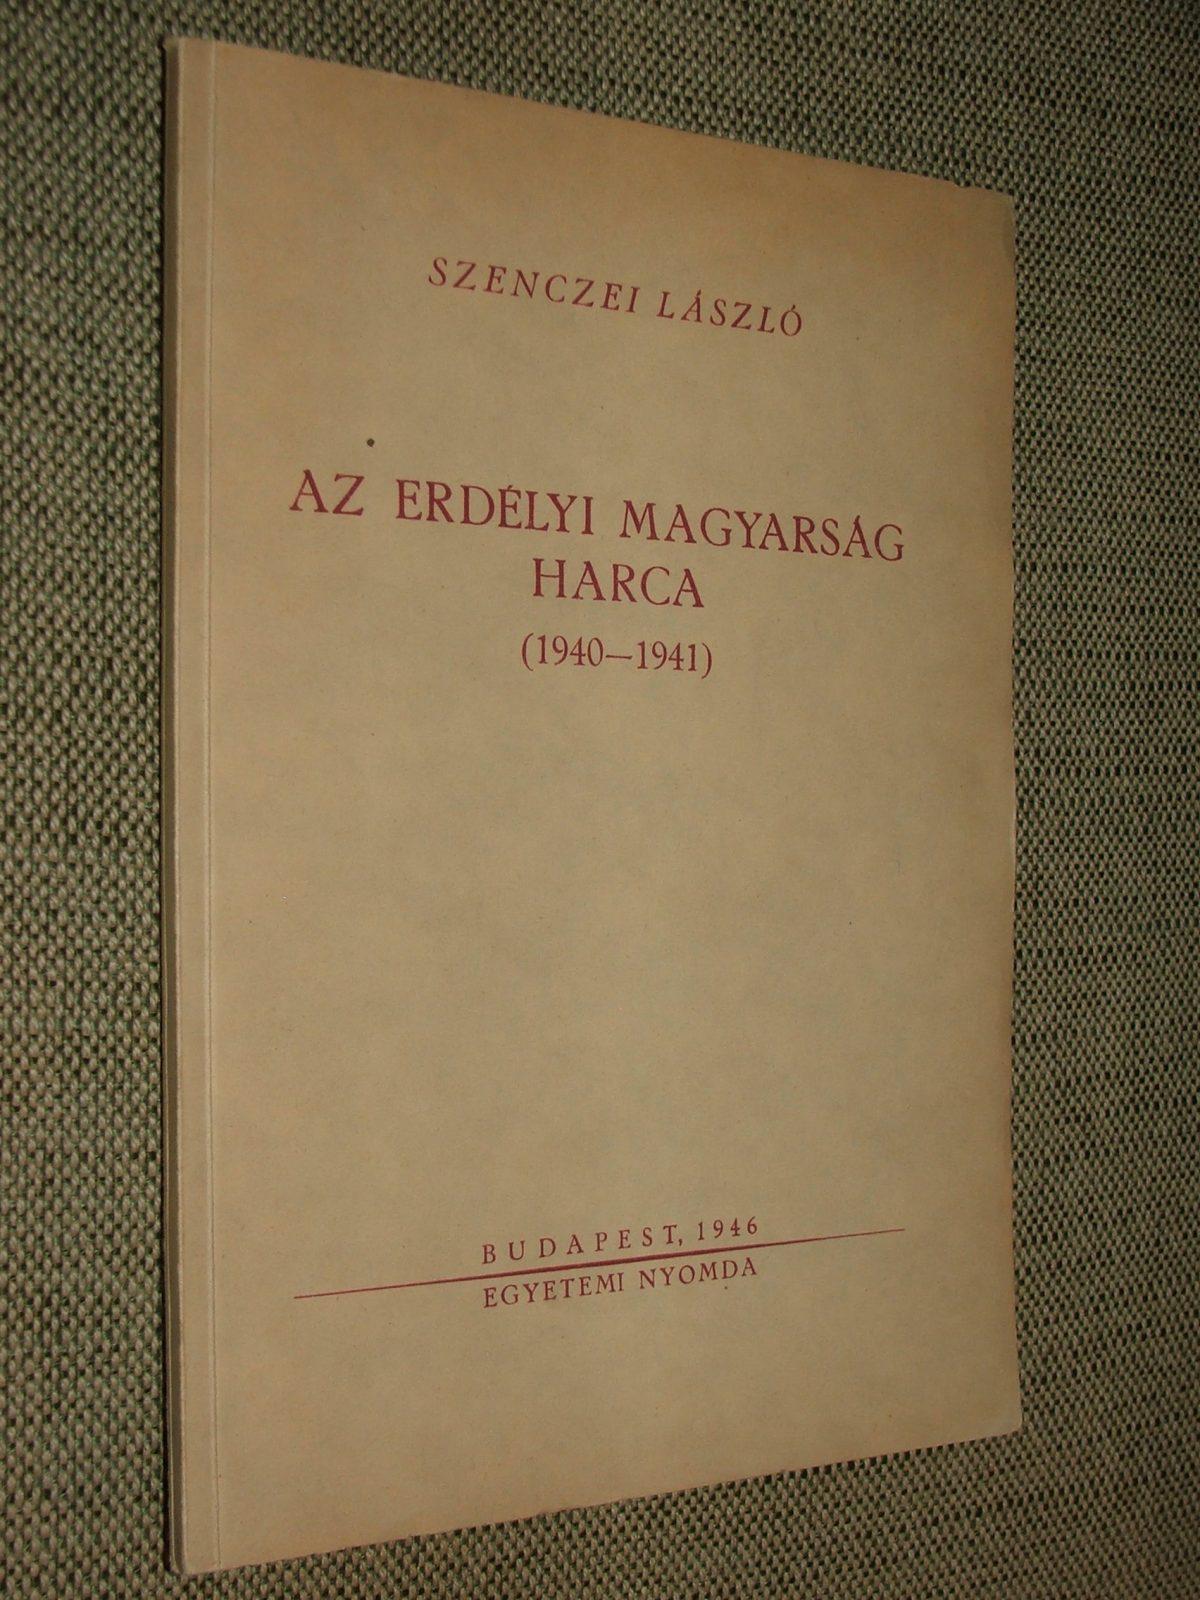 SZENCZEI László: Az erdélyi magyarság harca (1940-1941)